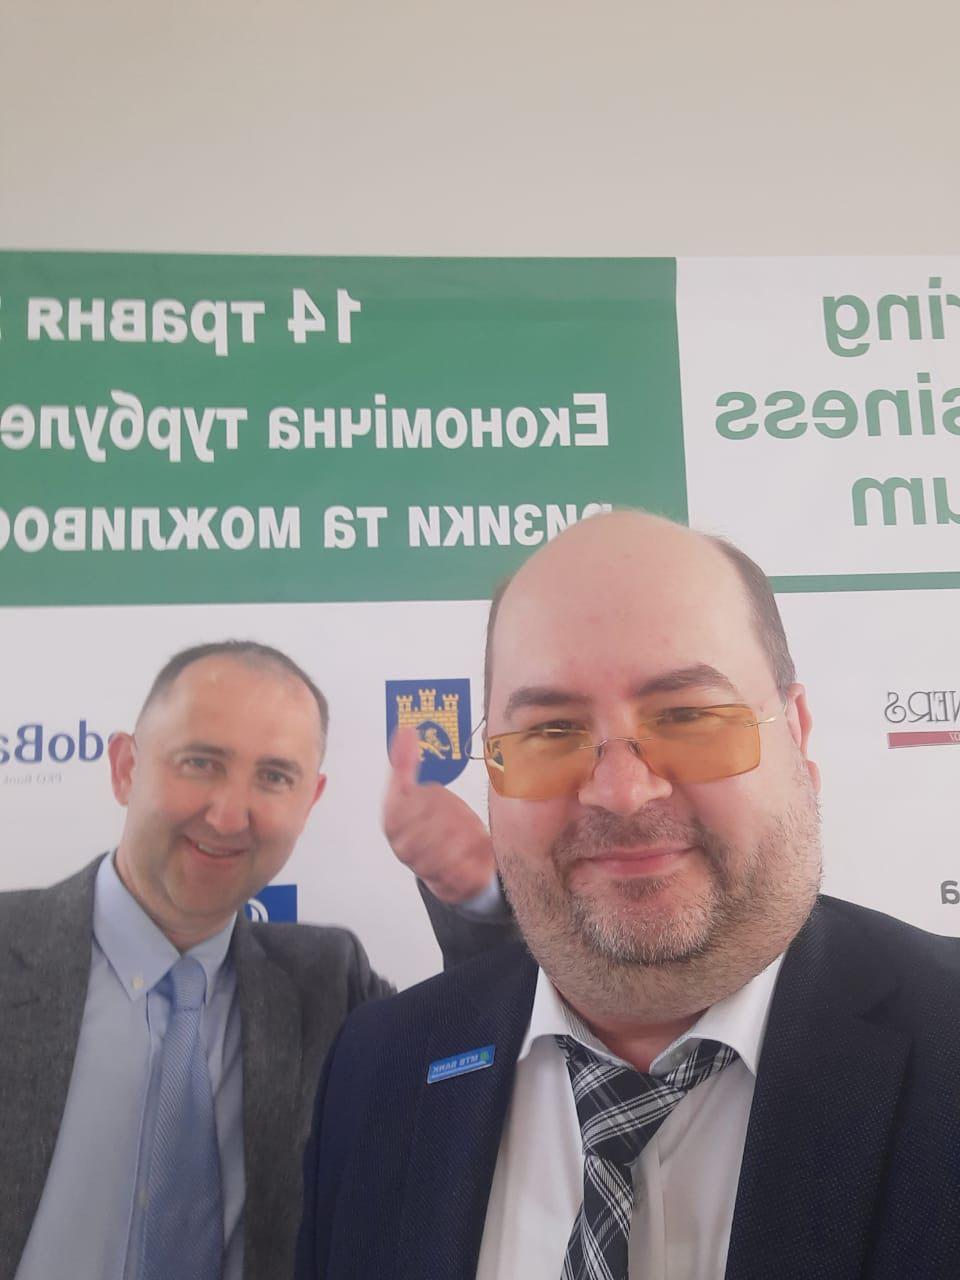 Дмитрий Ткаченко: «МТБ БАНК - это всегда гибкий подход к потребностям  клиентов и современные digital-решения»  - фото 3 - mtb.ua